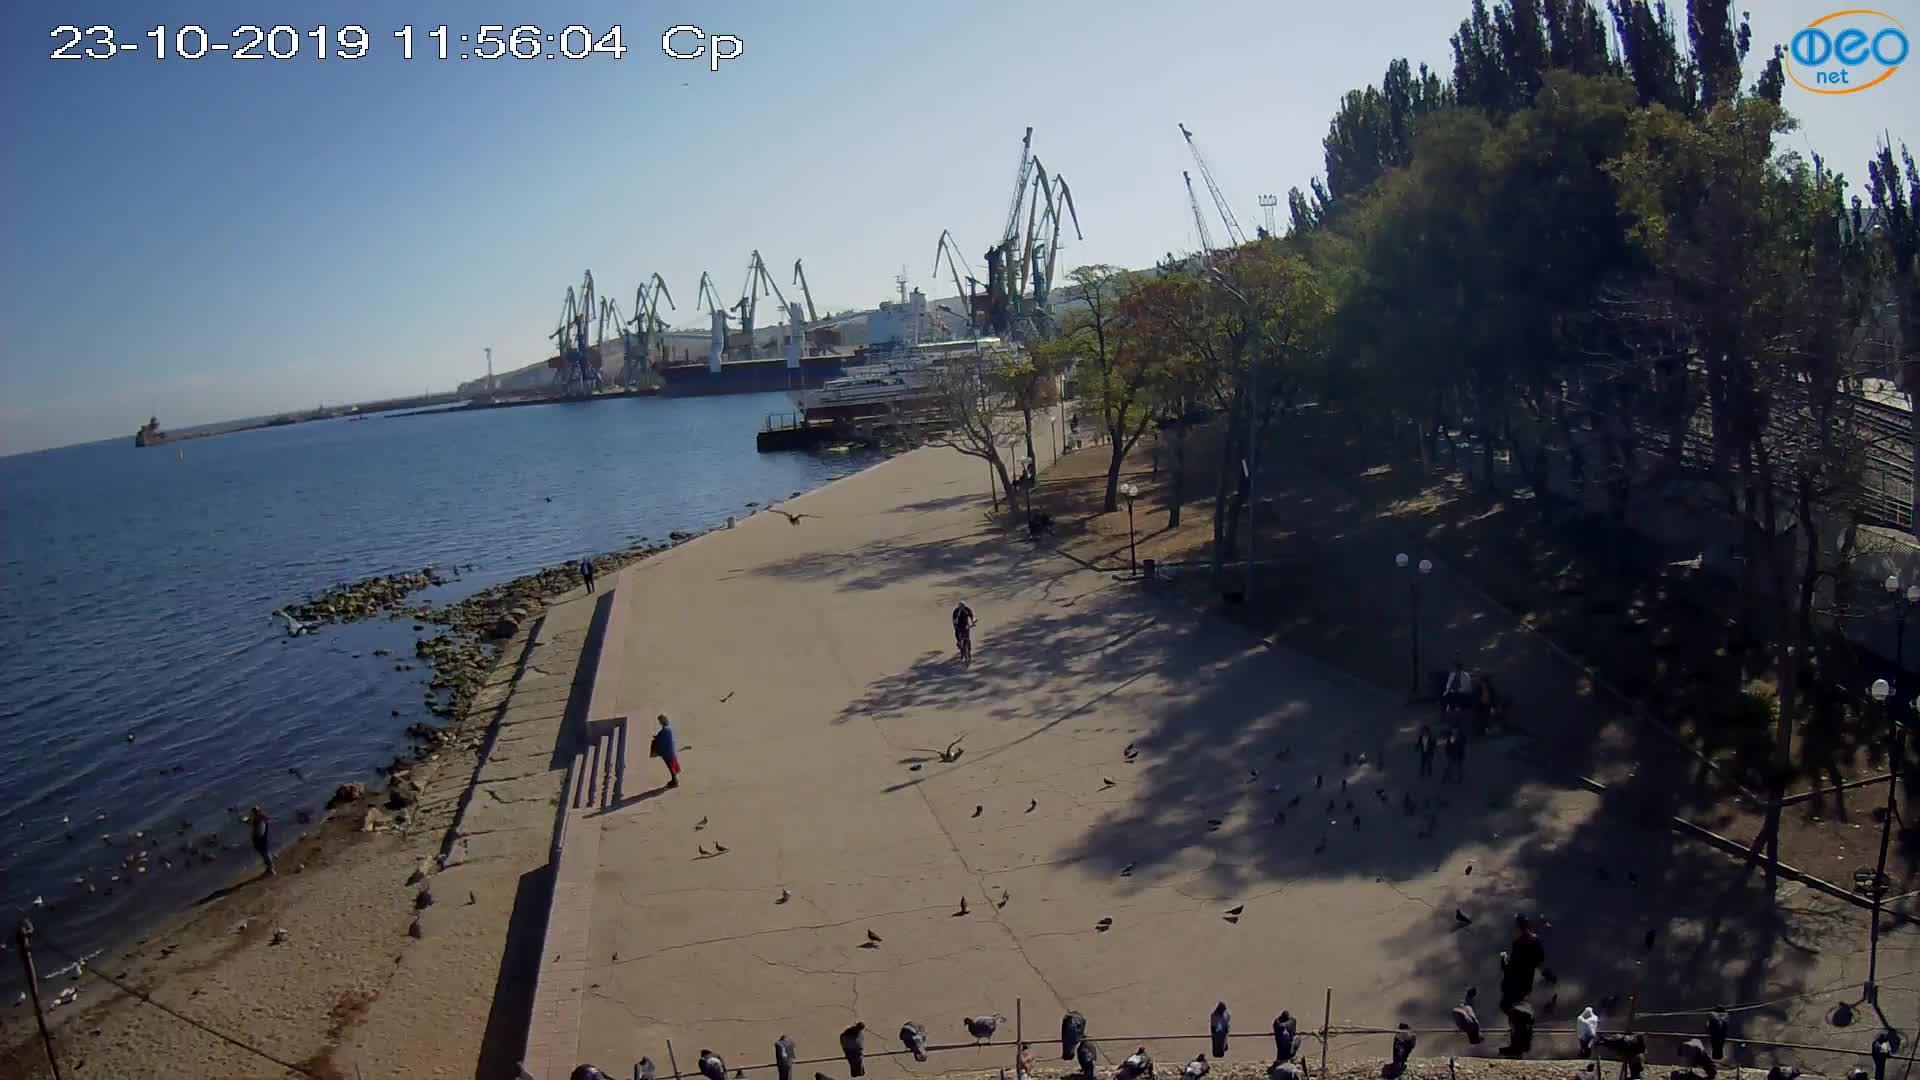 Веб-камеры Феодосии, Набережная Десантников, 2019-10-23 11:56:15